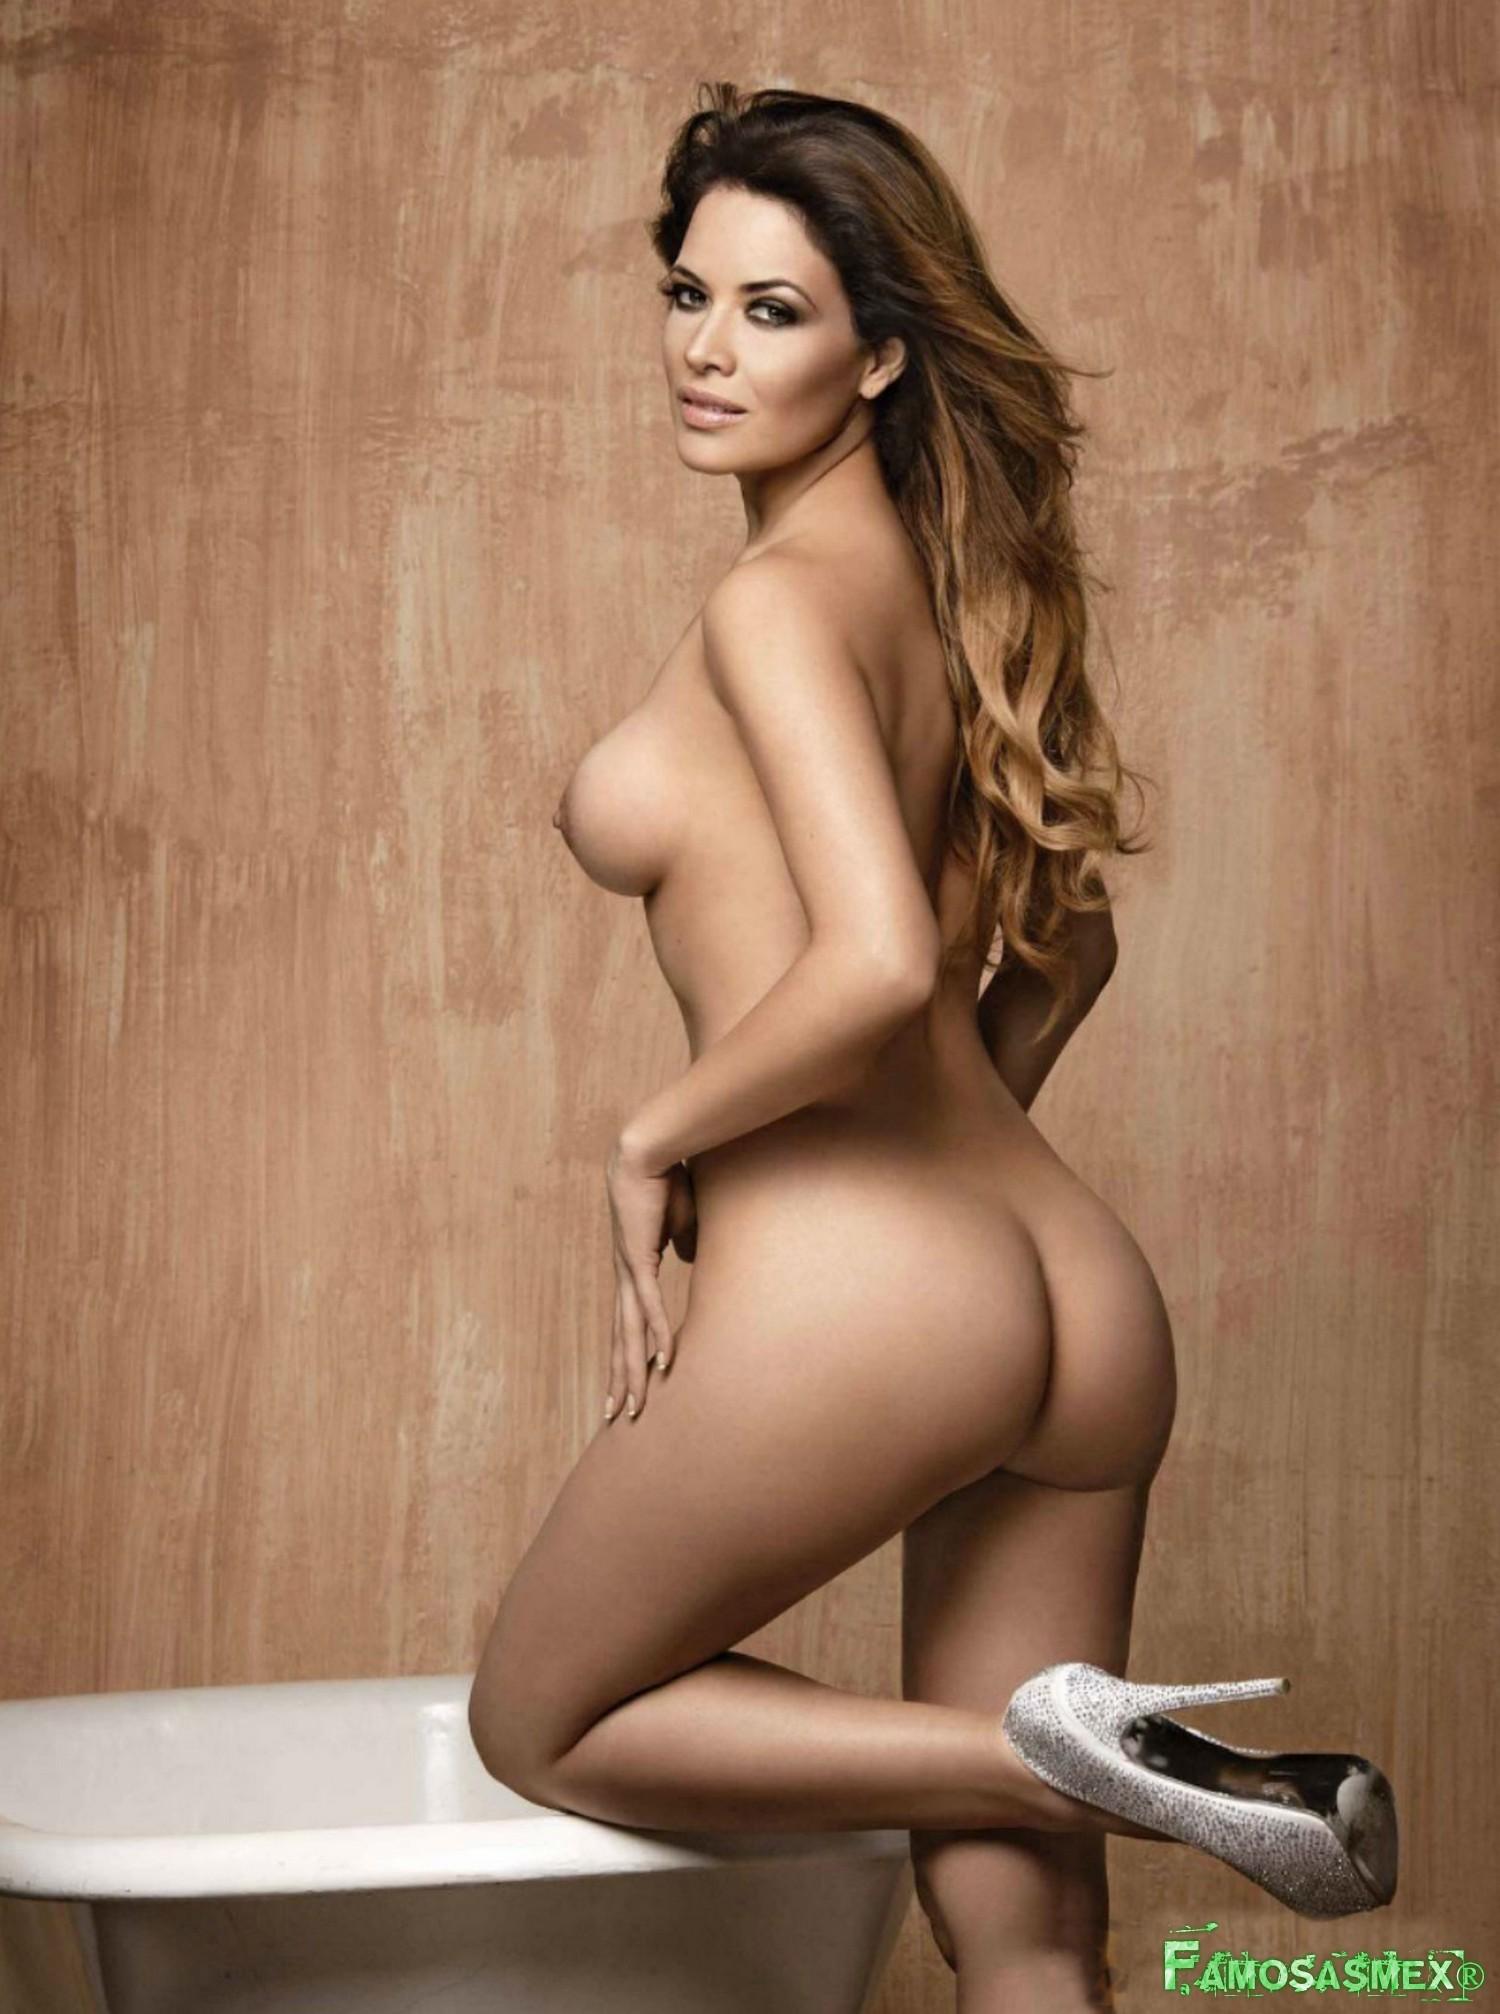 Famosas mexicanas desnudas